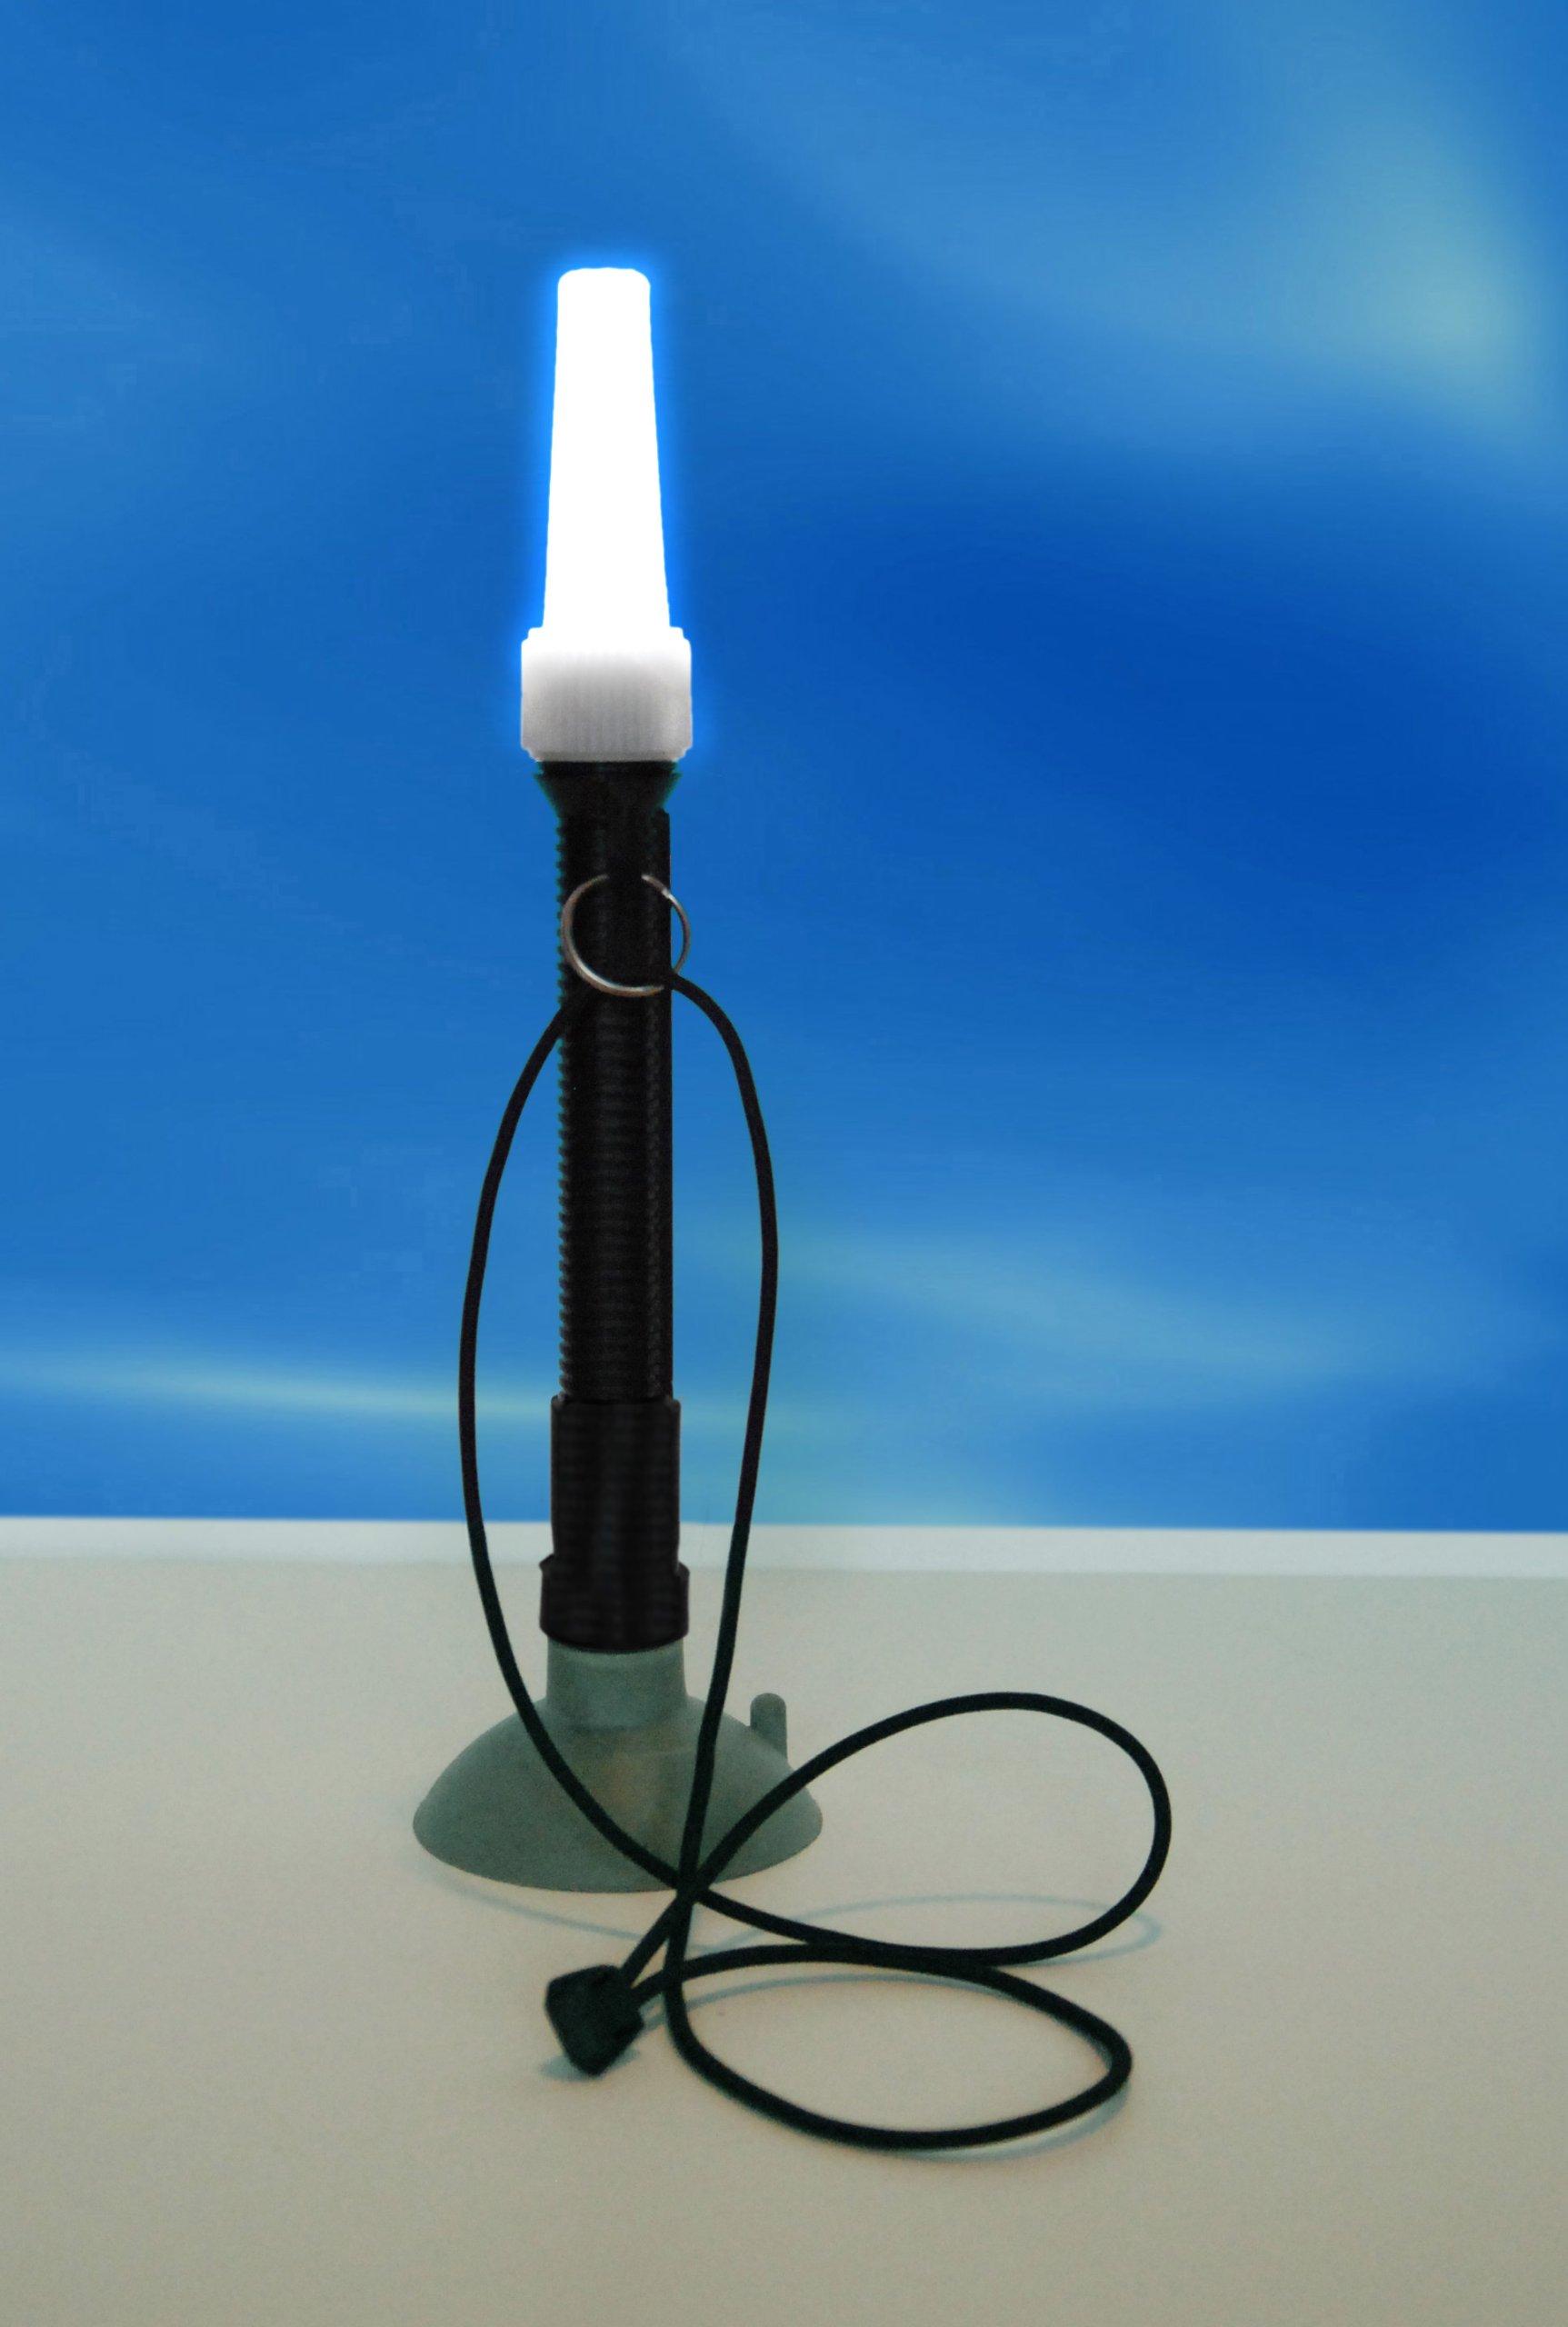 Kayalu WaterTorch 360° Kayak Light | Boat Work Light | Handheld Torch | Suction Base | Portable Bright White LED